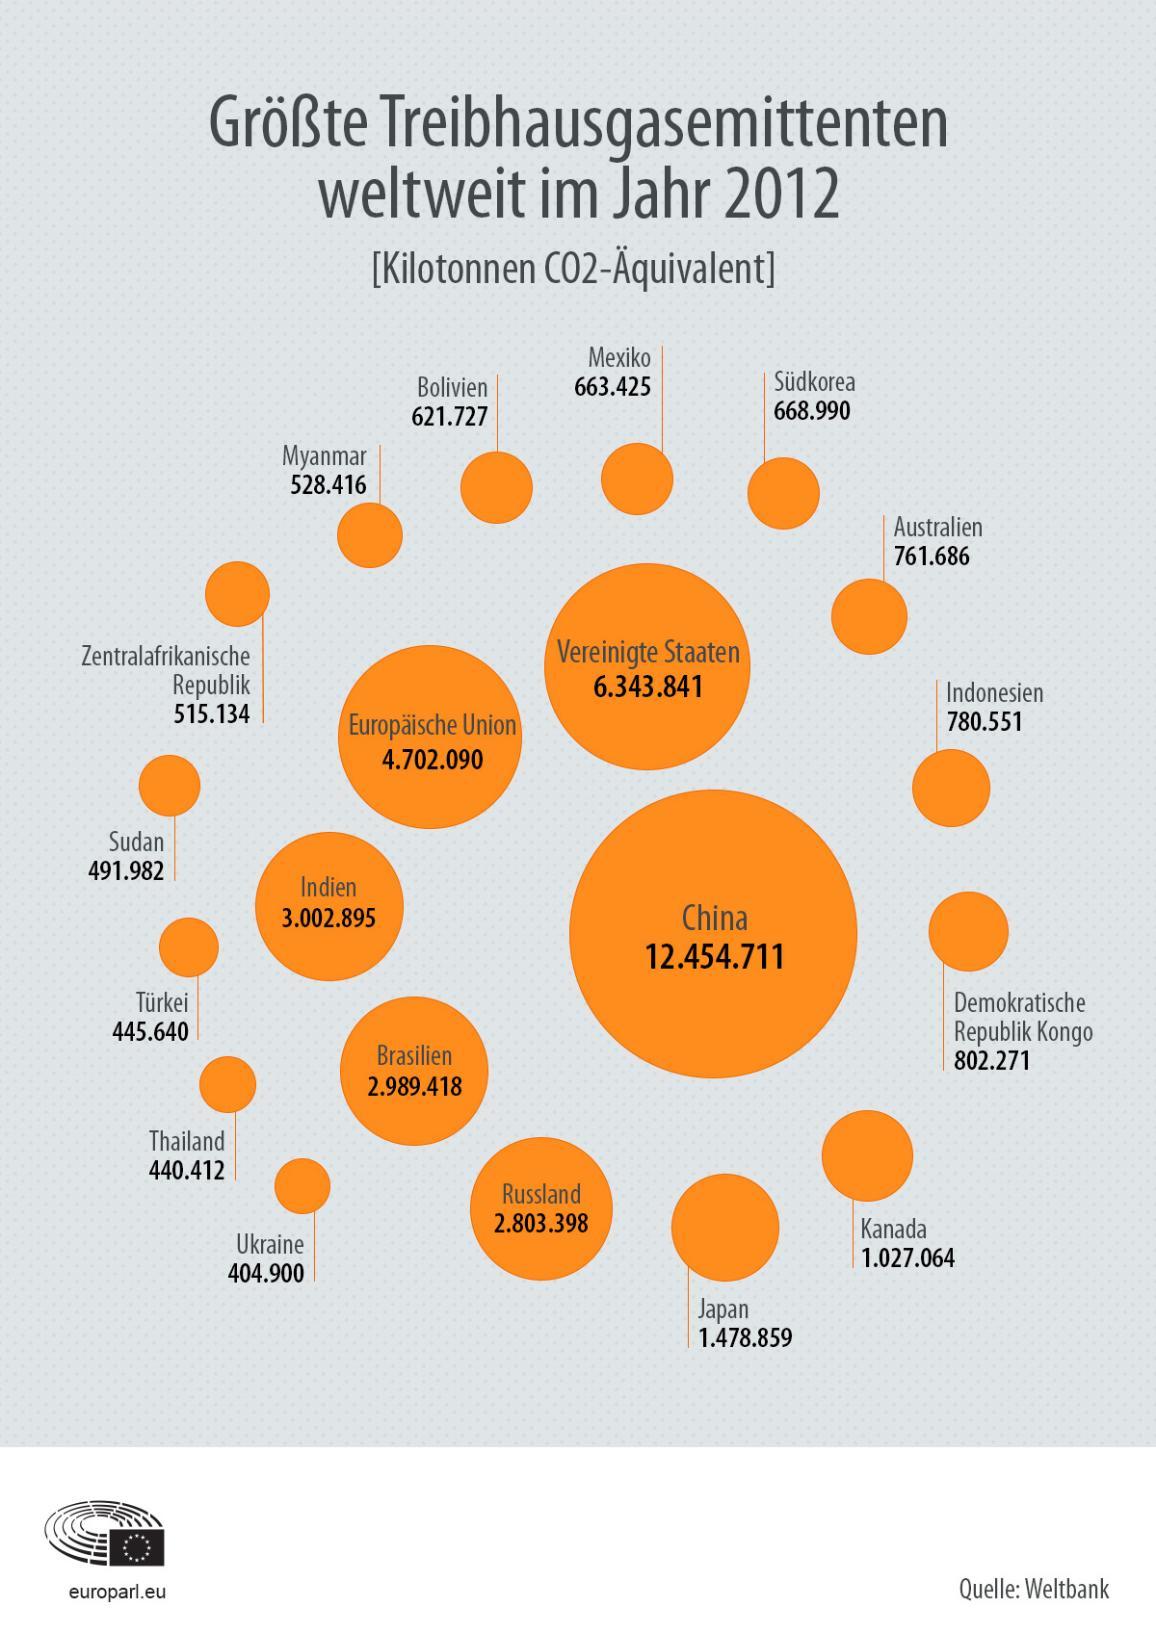 Das Diagramm gibt für 2015 eine Übersicht der weltweit größten Treibhausgasemittenten, mit den USA an der Spitze, gefolgt von China und der EU.